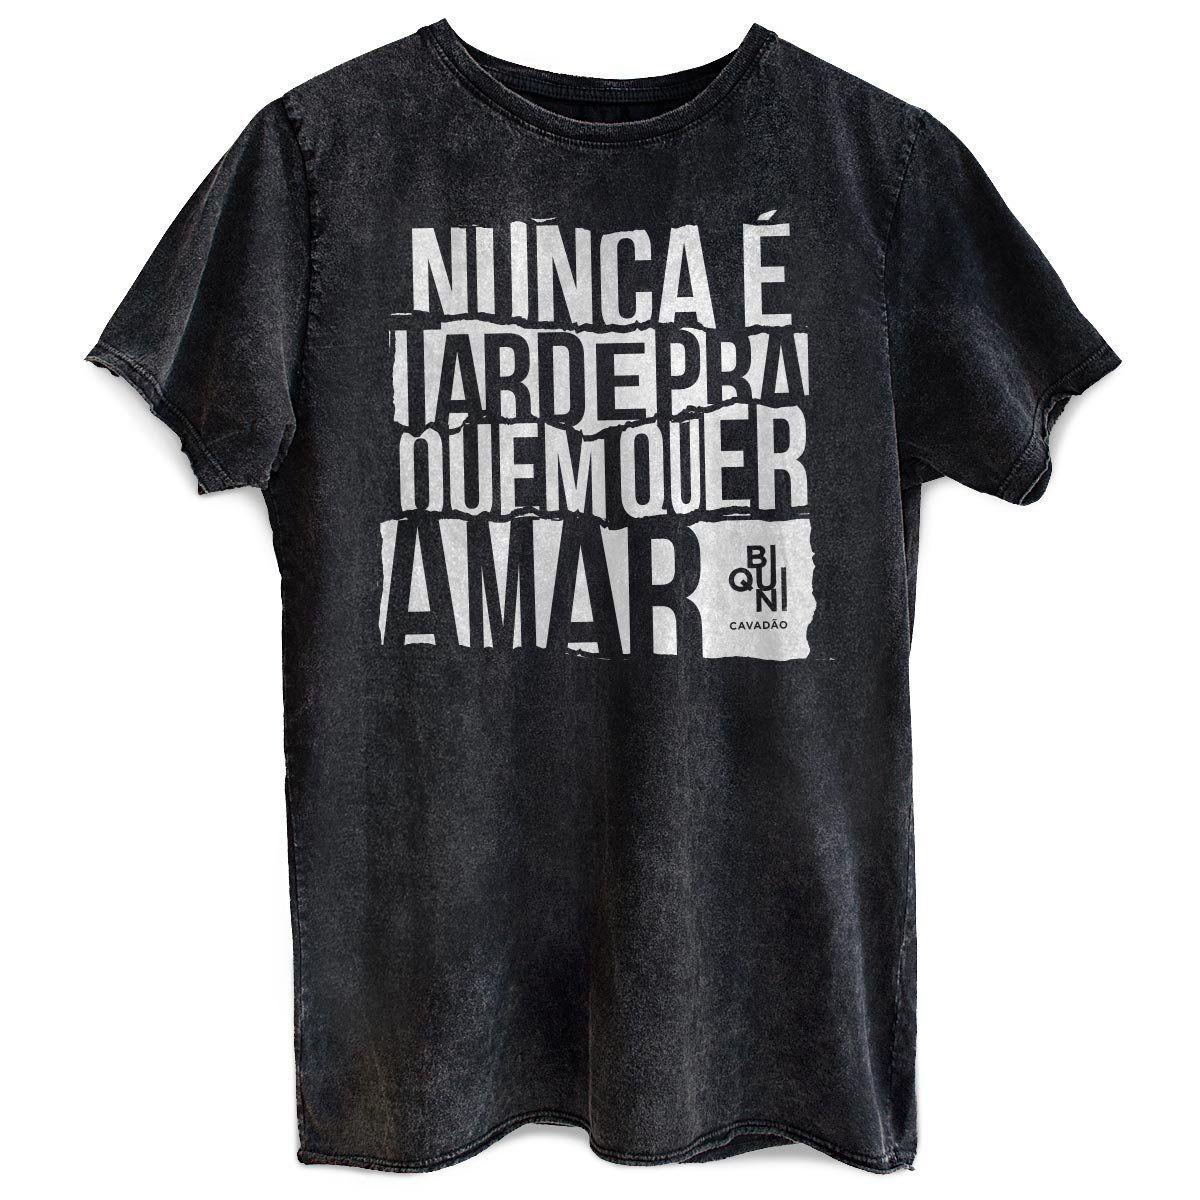 Camiseta Masculina Marmorizada Biquini Cavadão Nunca é Tarde